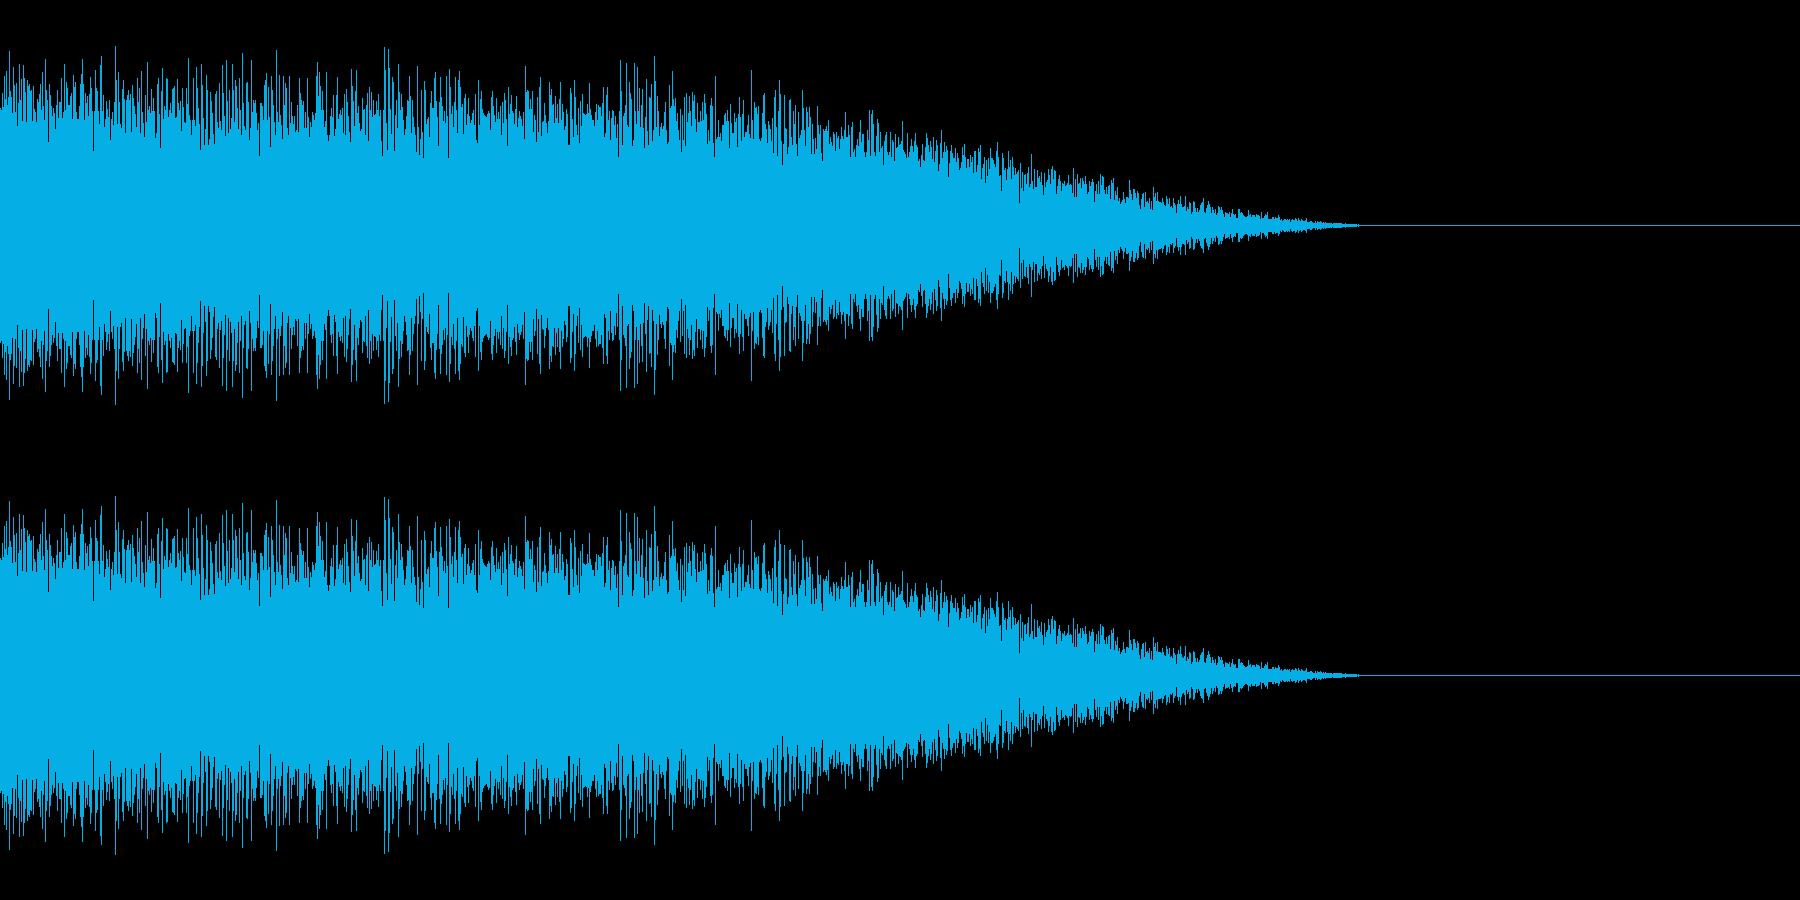 ピシャーン(ショック/雷/衝撃/魔法)の再生済みの波形